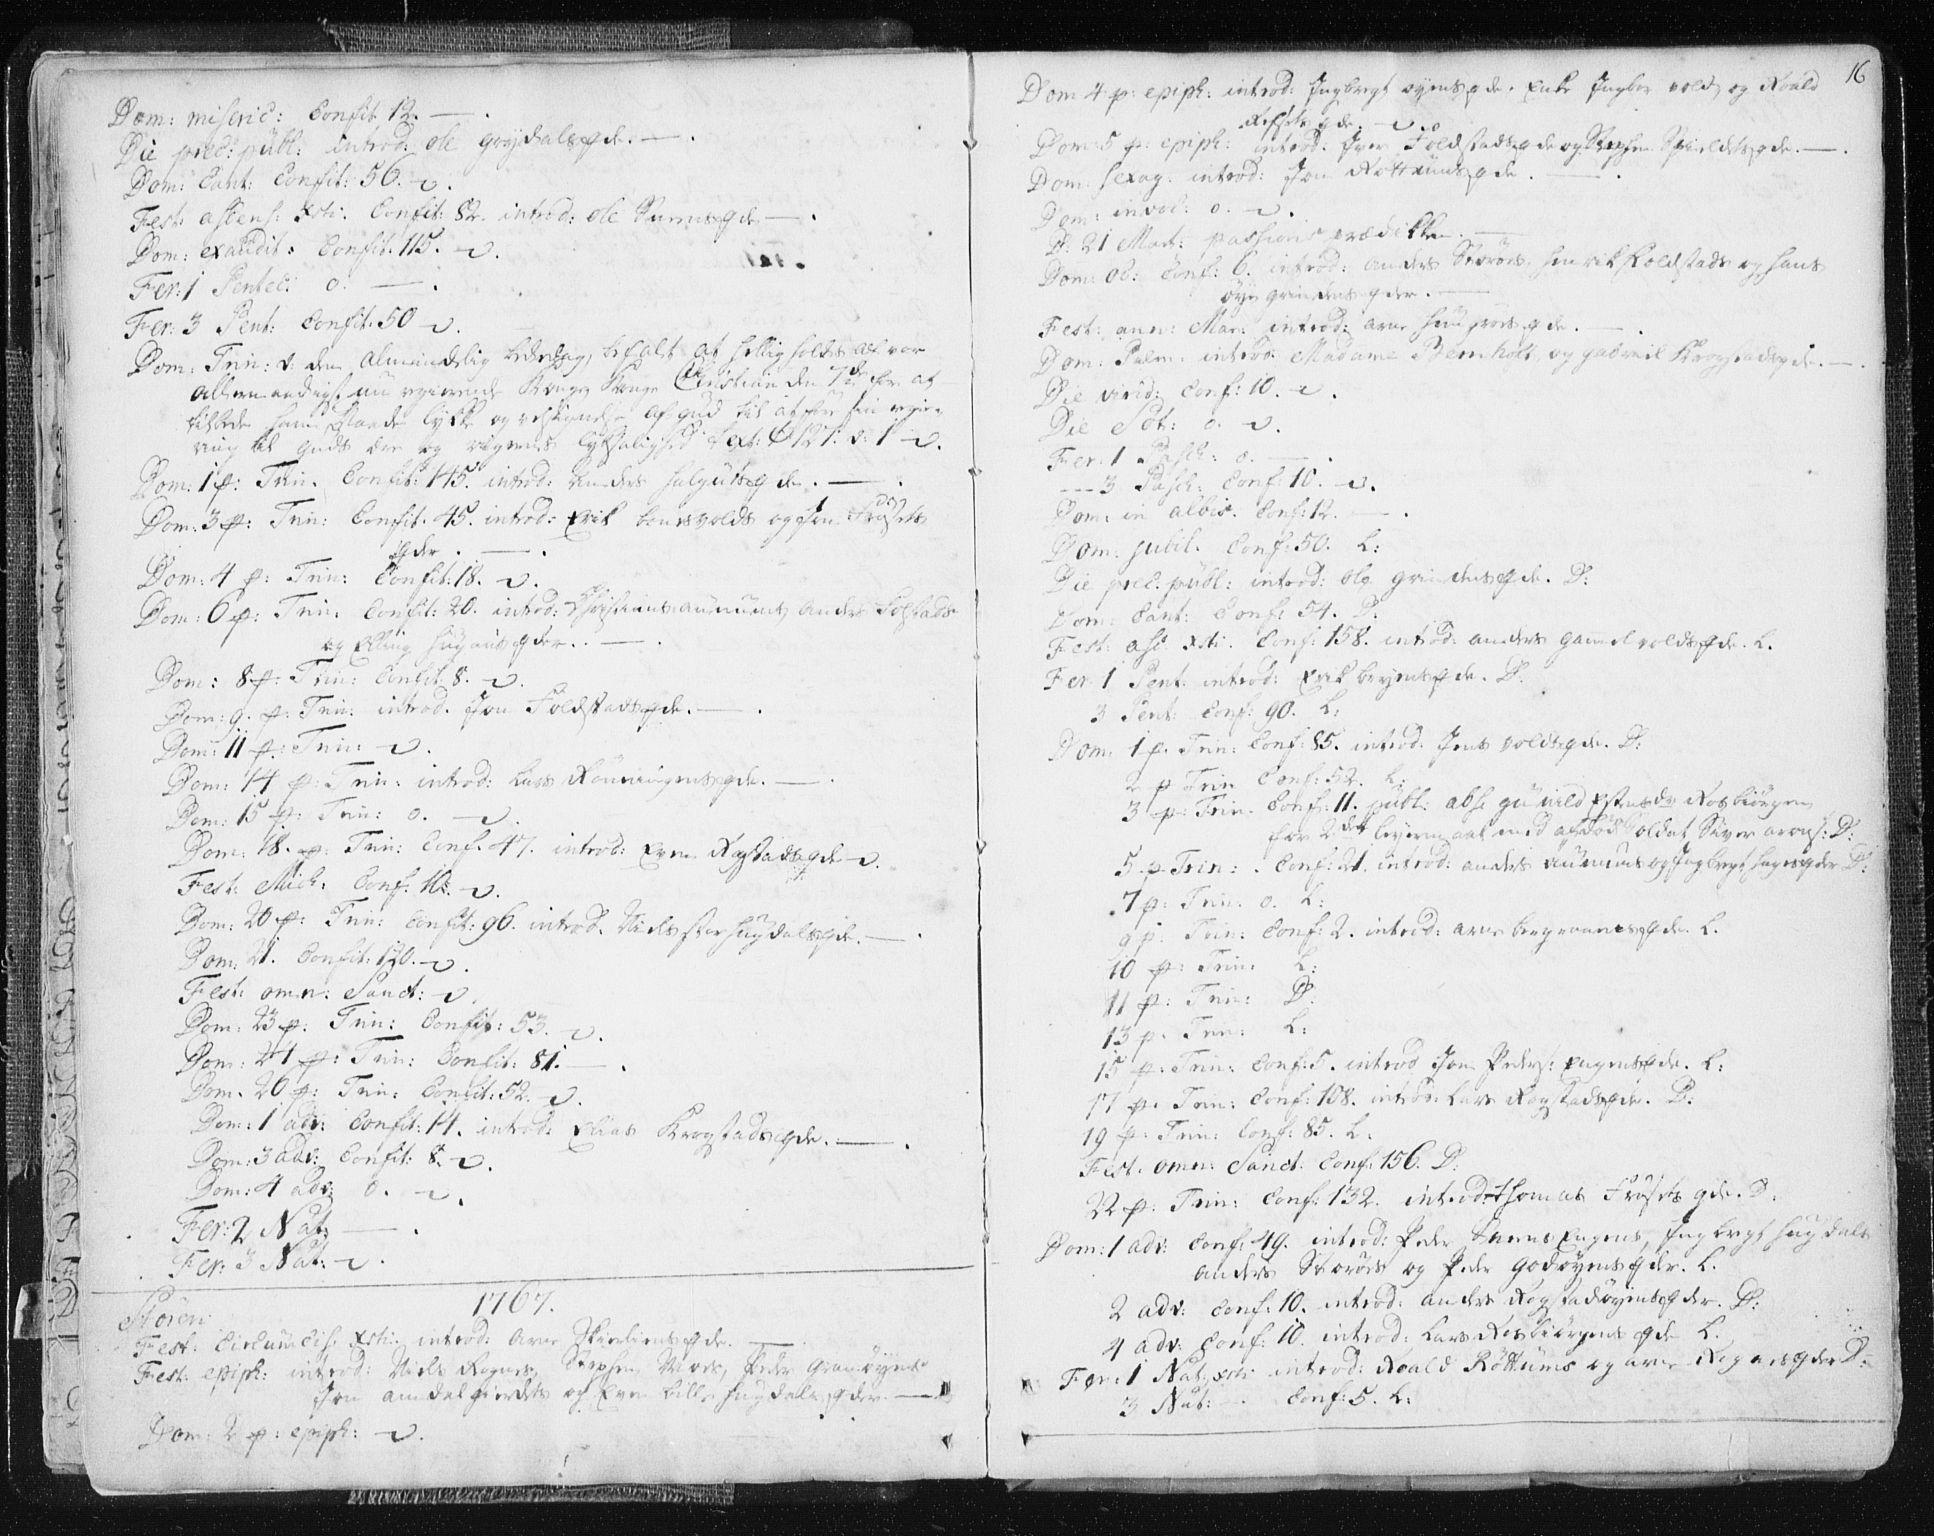 SAT, Ministerialprotokoller, klokkerbøker og fødselsregistre - Sør-Trøndelag, 687/L0991: Ministerialbok nr. 687A02, 1747-1790, s. 16